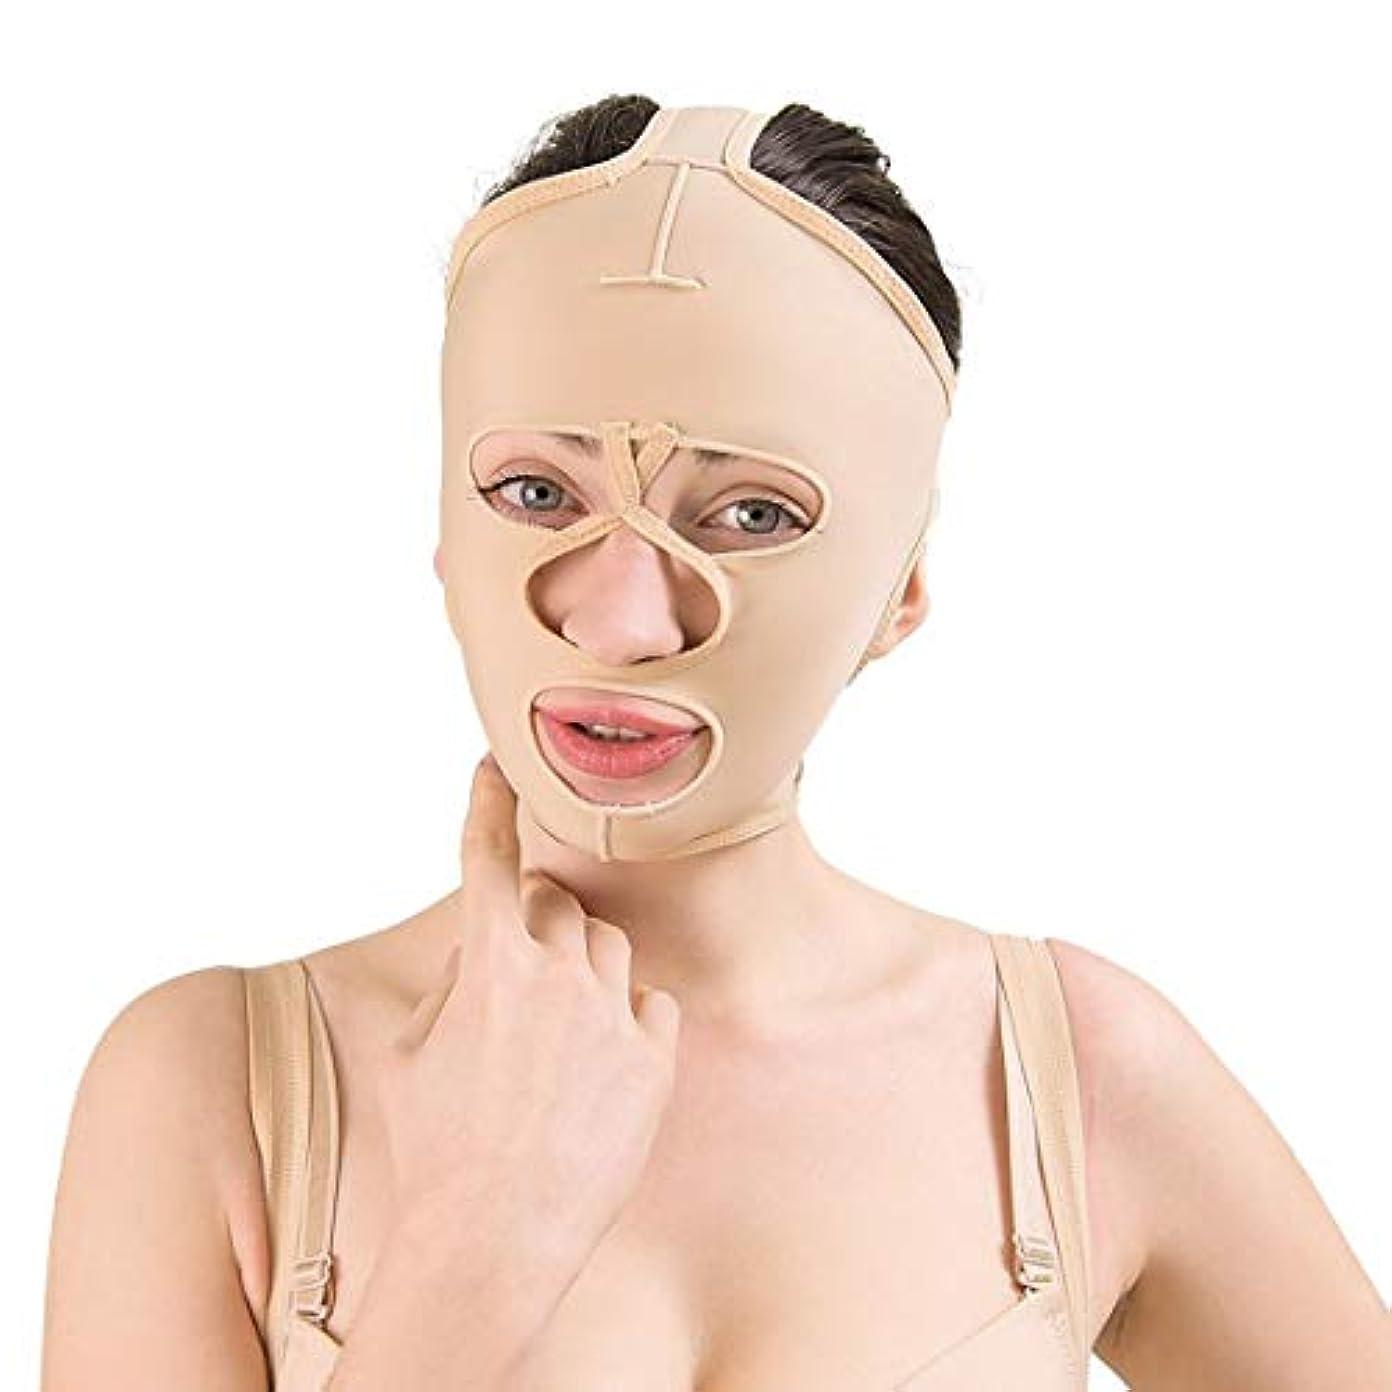 使用法なぜならトランジスタZWBD フェイスマスク, フェイスリフト包帯医療弾性スリーブ顔面下顎形成外科術後圧縮下顎スリーブ補助修復マスクしわを削除する (Size : S)